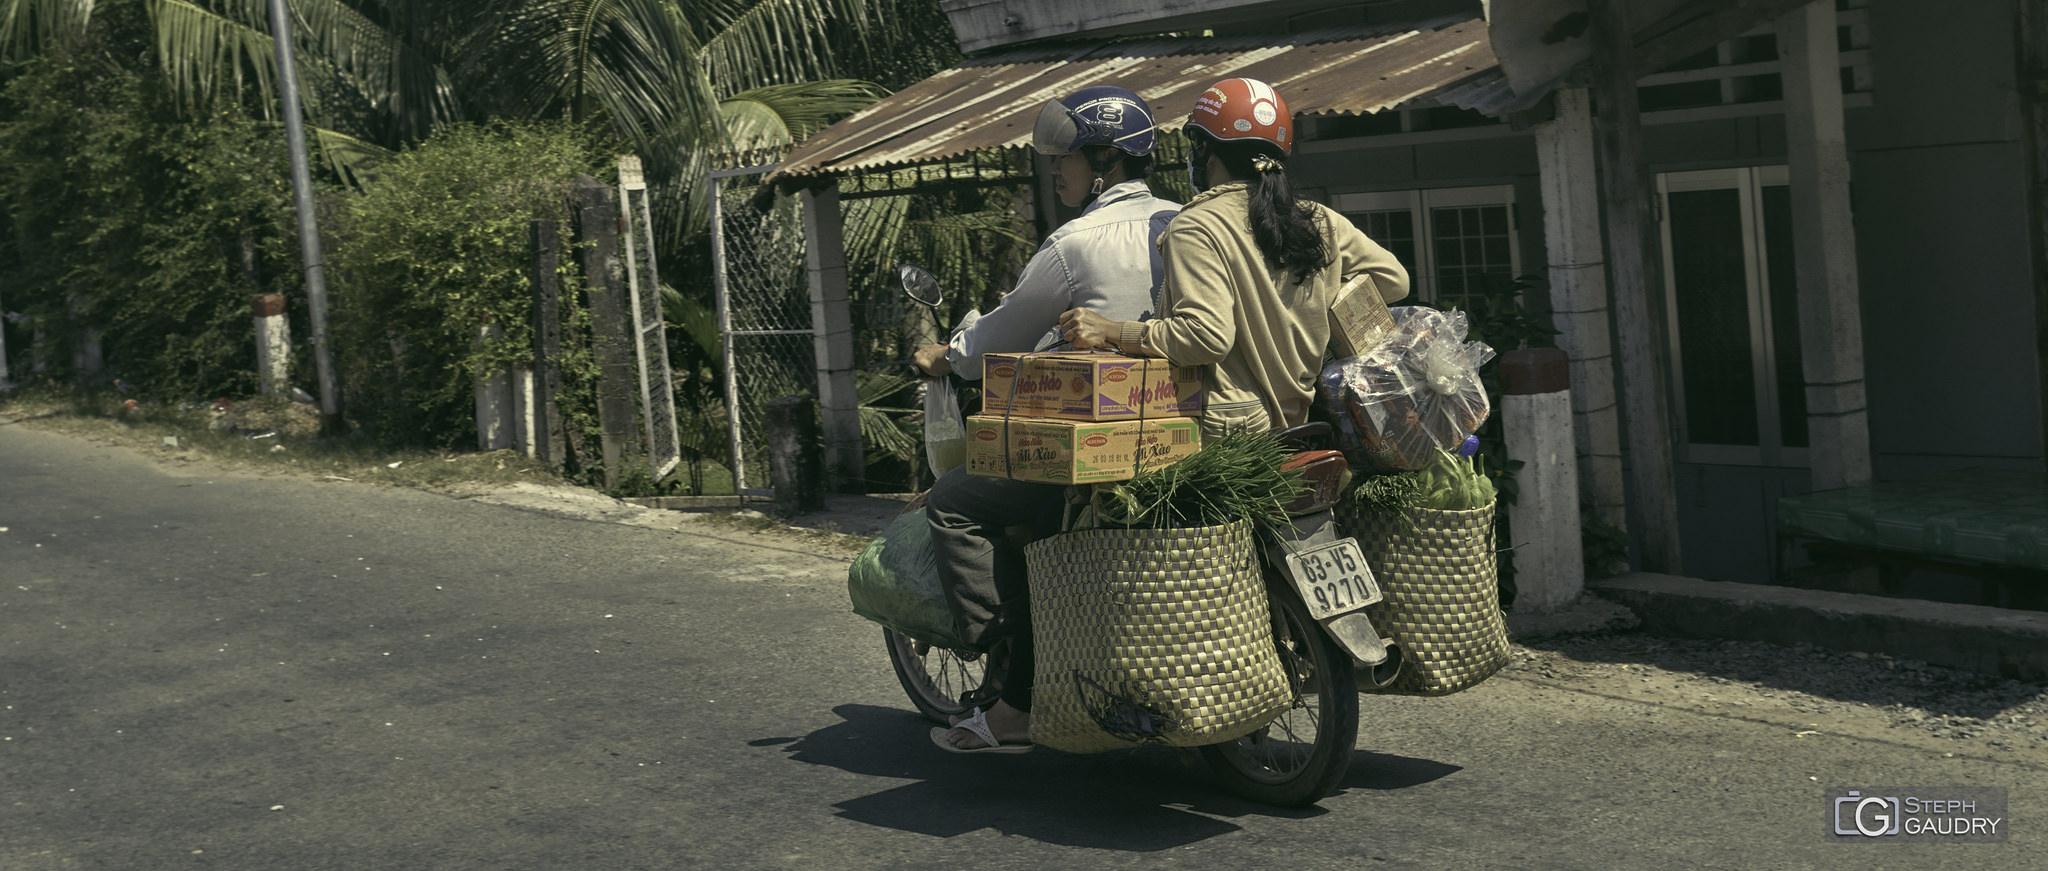 Retour des courses en moto [Cliquez pour lancer le diaporama]